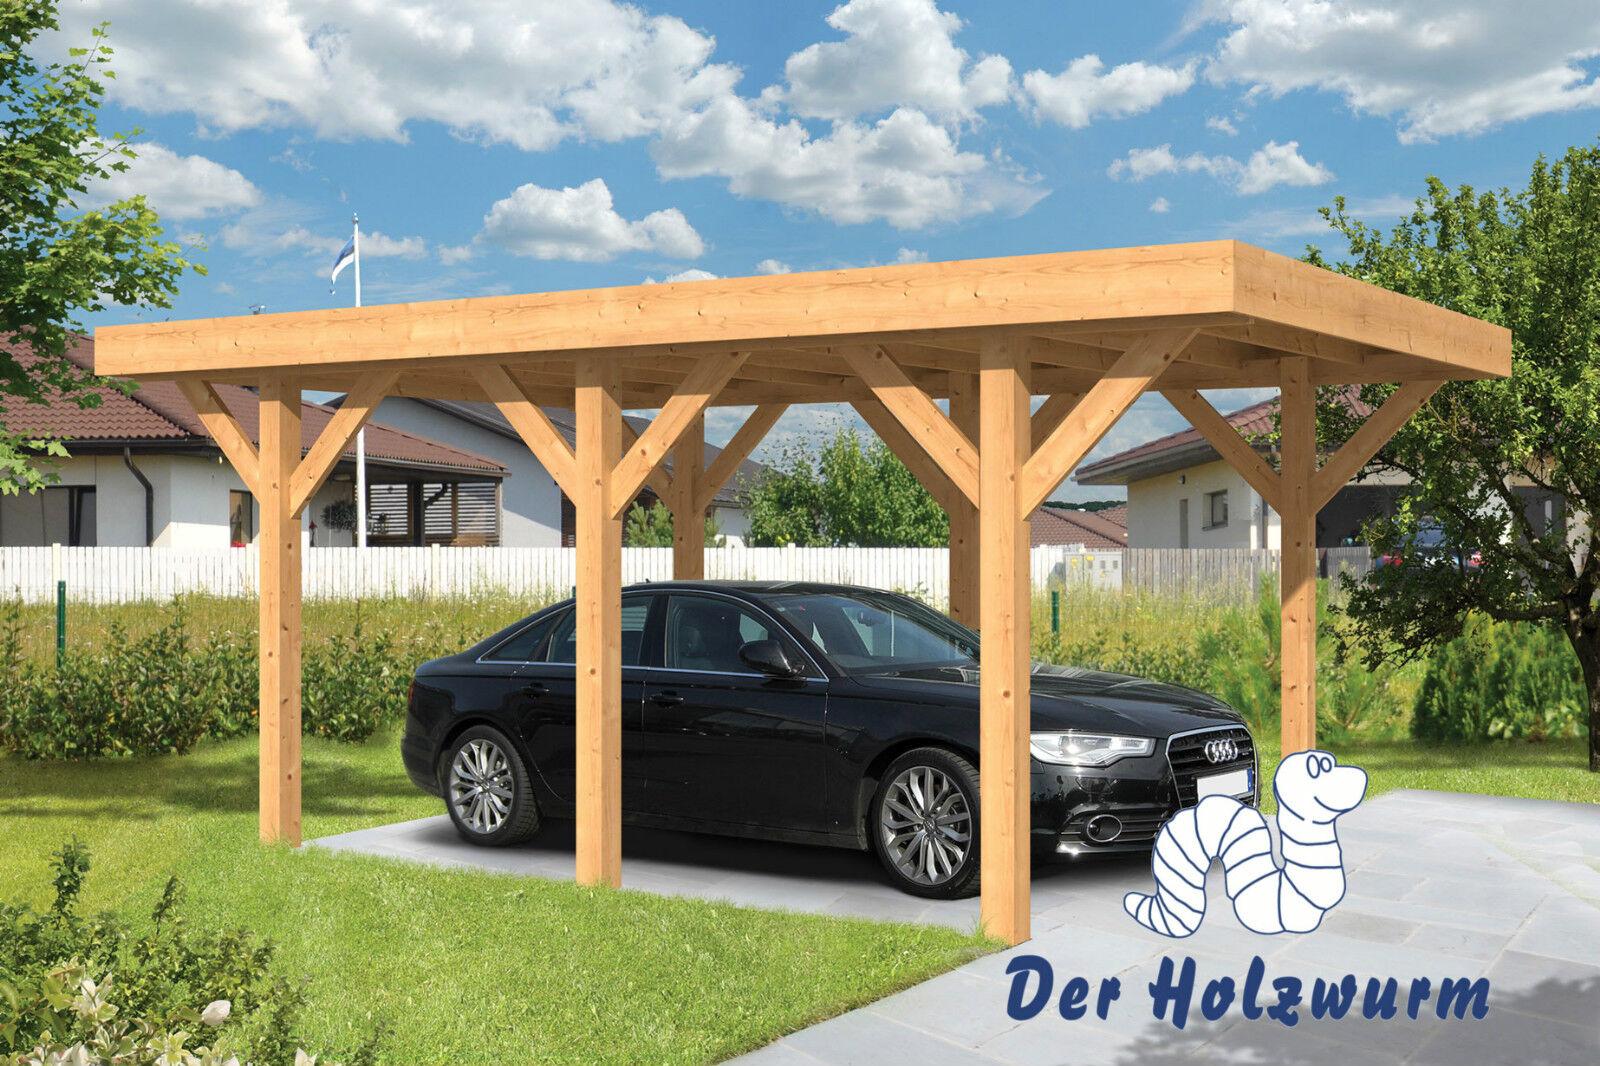 Carport sloten 350x500 cm garage holz unterstand 15 x 15cm for Carport pfosten